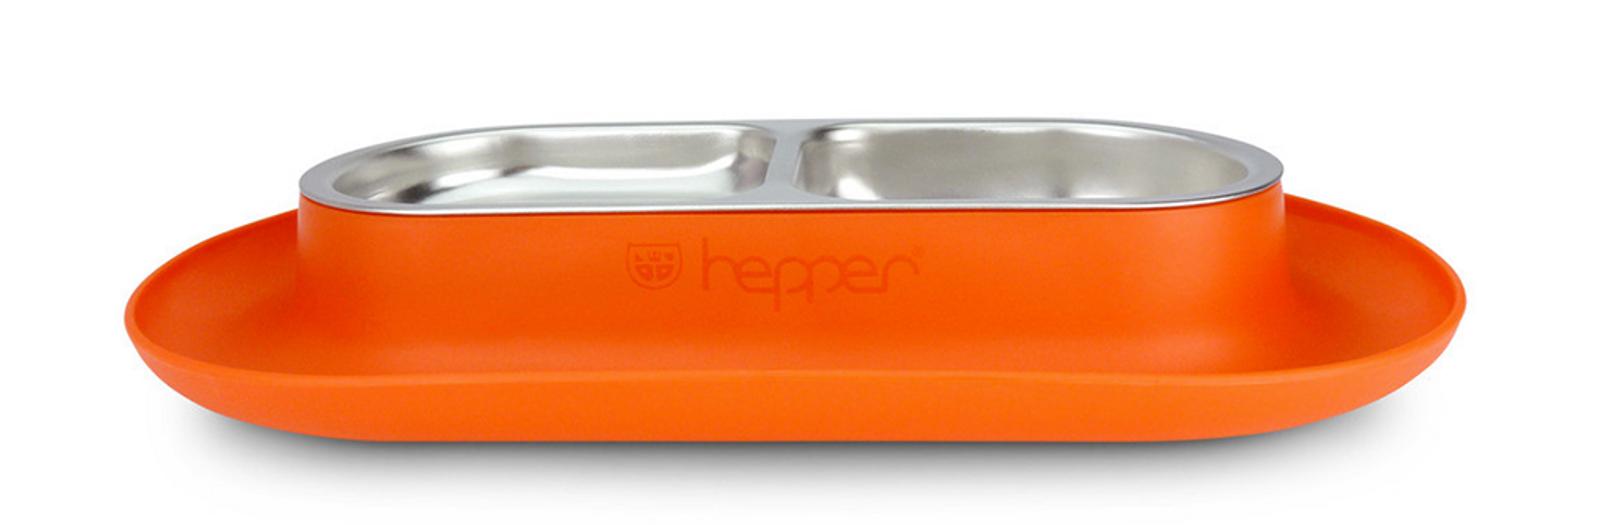 Hepper